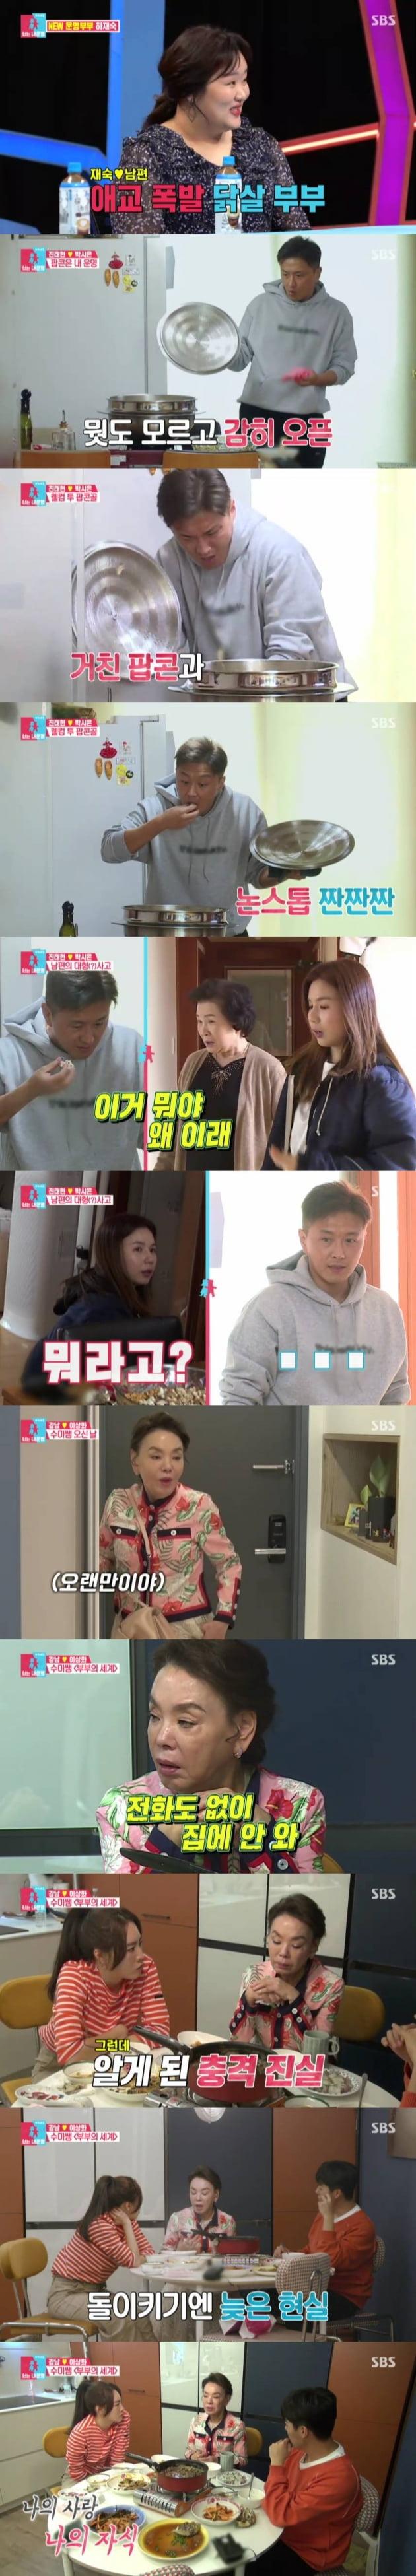 '동상이몽 시즌2 - 너는 내 운명' 방송화면. /사진제공=SBS